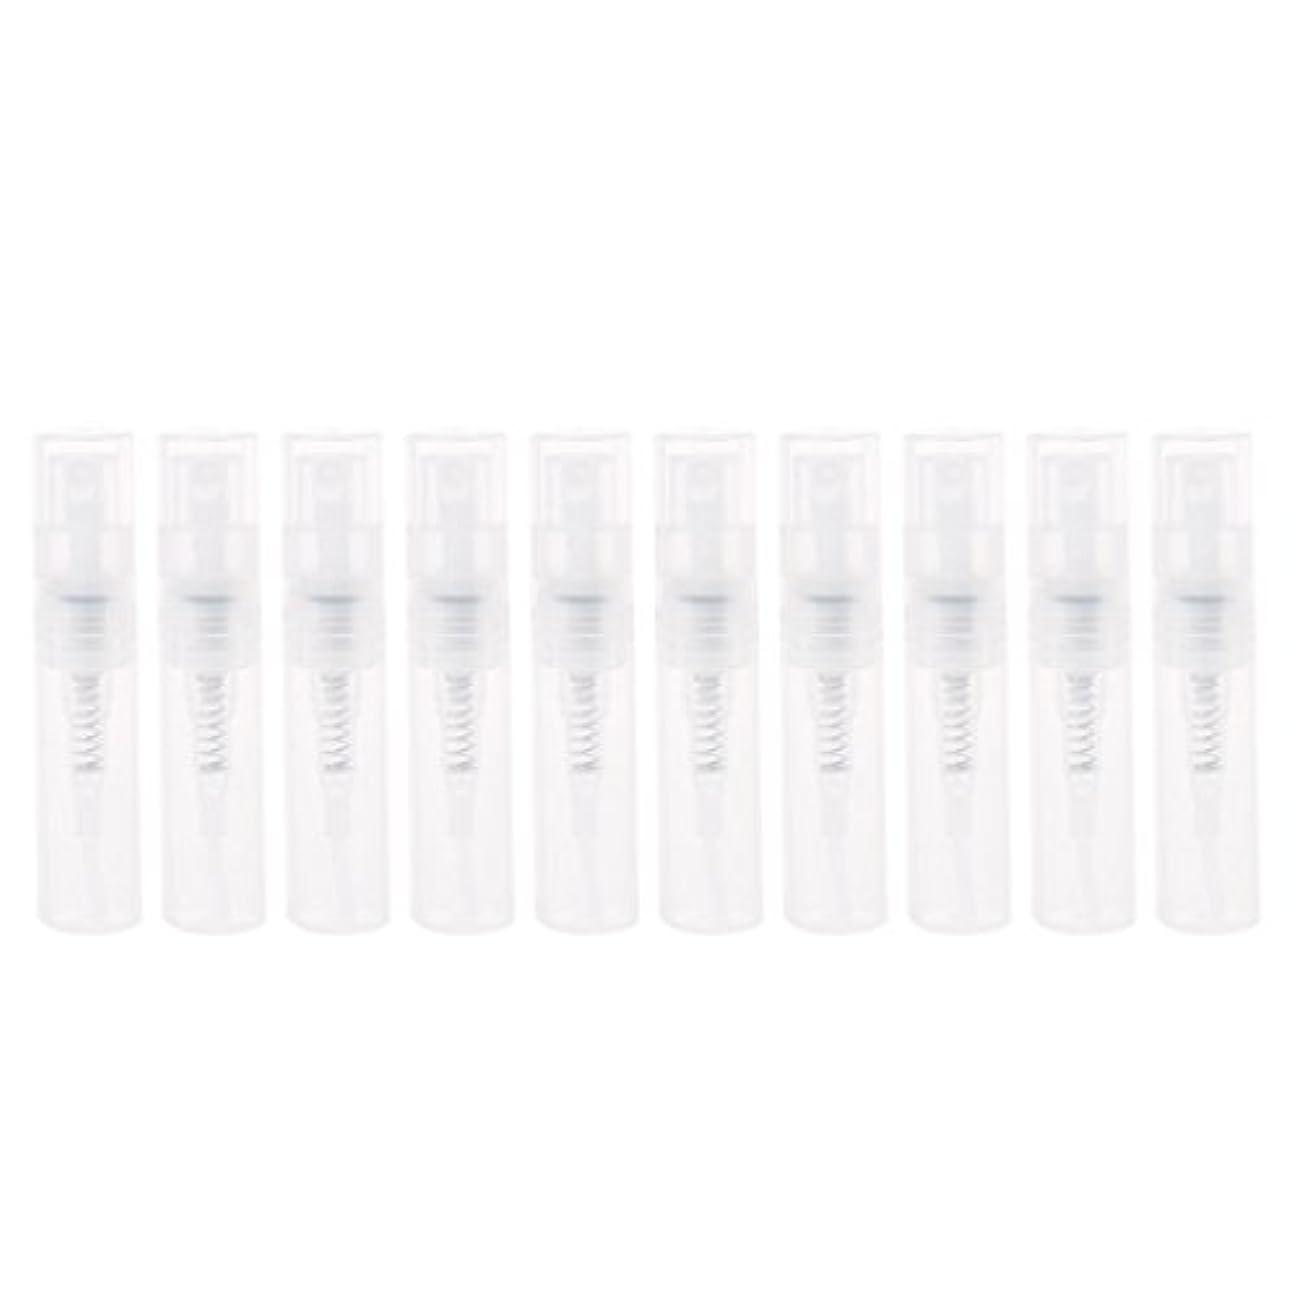 ポテト高価な塩Dabixx 2ml小さいプラスチック香水スプレーの空のびんの化粧品の容器のスプレーボトル